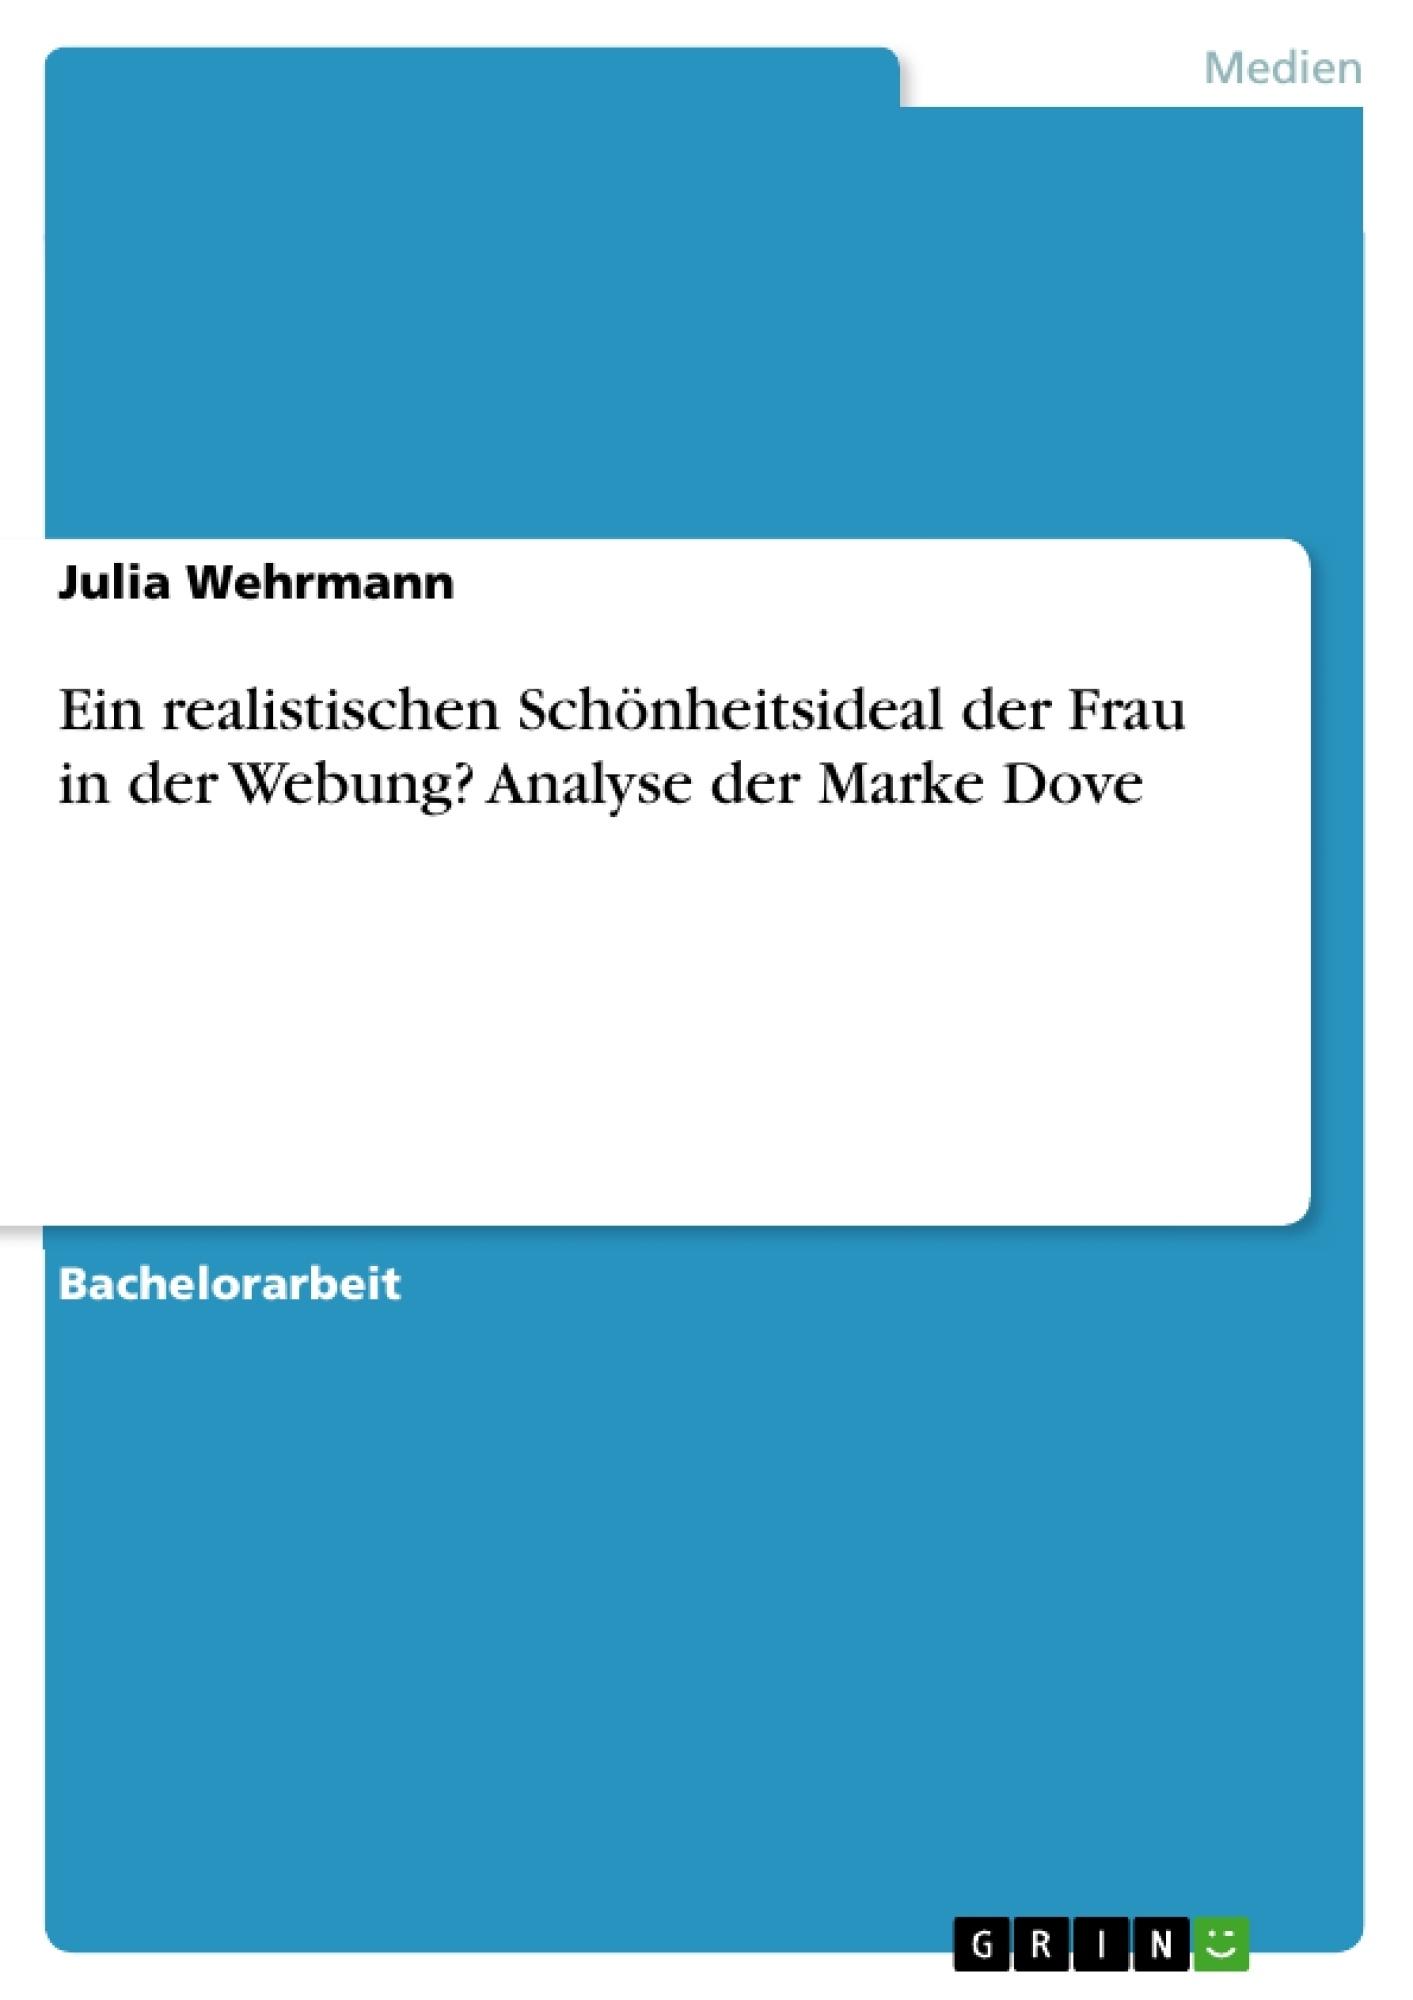 Diplomarbeiten5.de - Ein realistischen Schönheitsideal der Frau in der  Webung? Analyse der Marke Dove